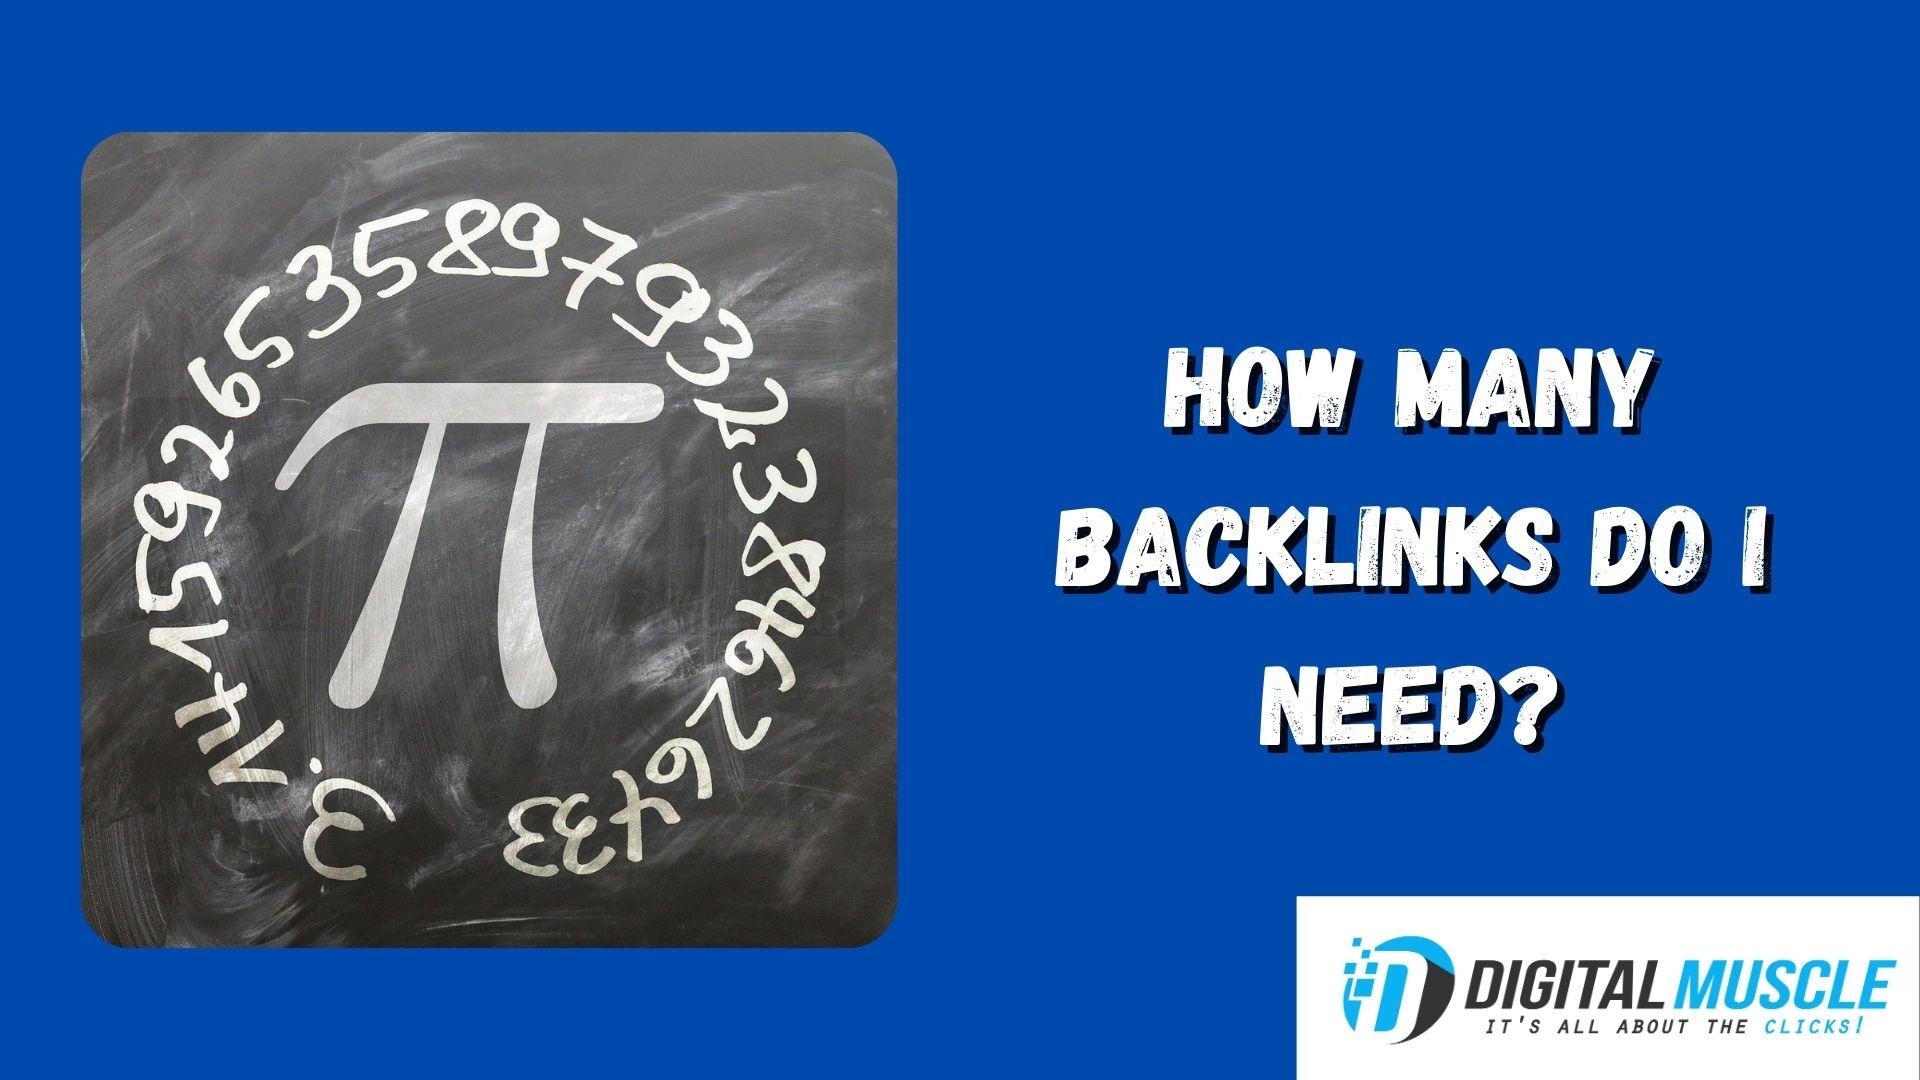 How Many Backlinks Do I Need To Rank On Google in 2021?